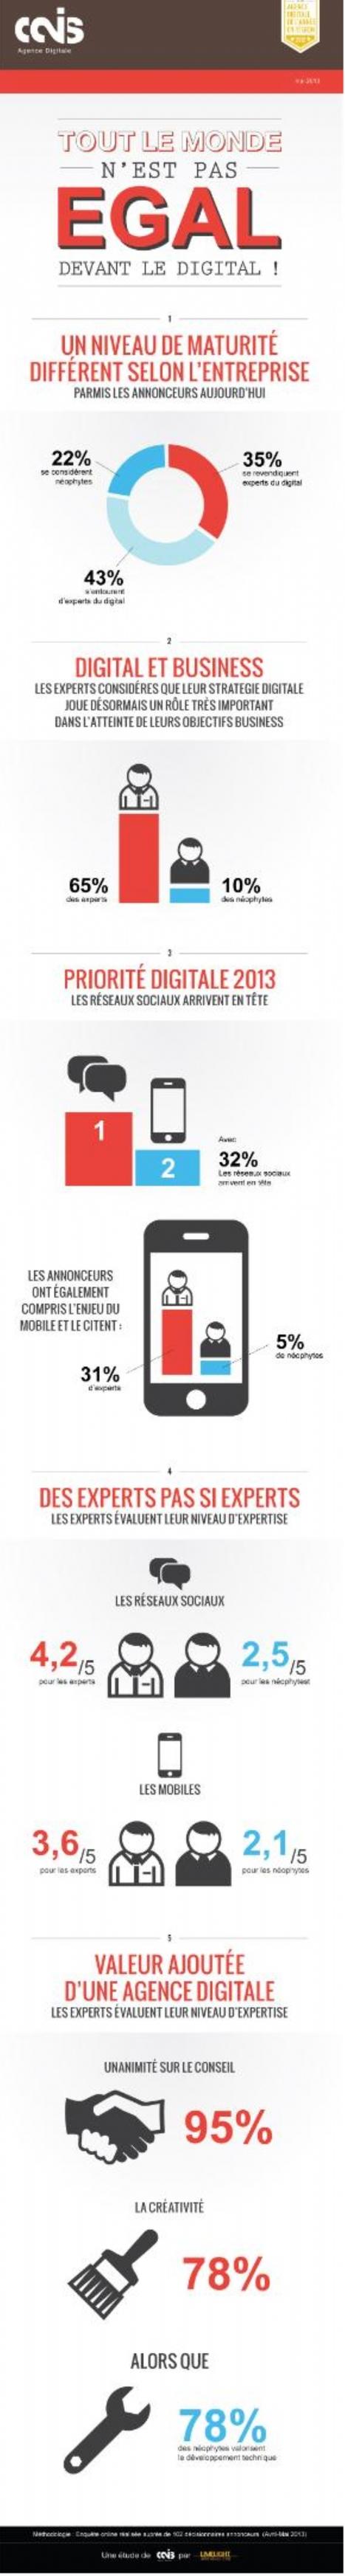 [Infographie] Les réseaux sociaux : priorité digitale des annonceurs en 2013   Social Media Curation par Mon Habitat Web   Scoop.it